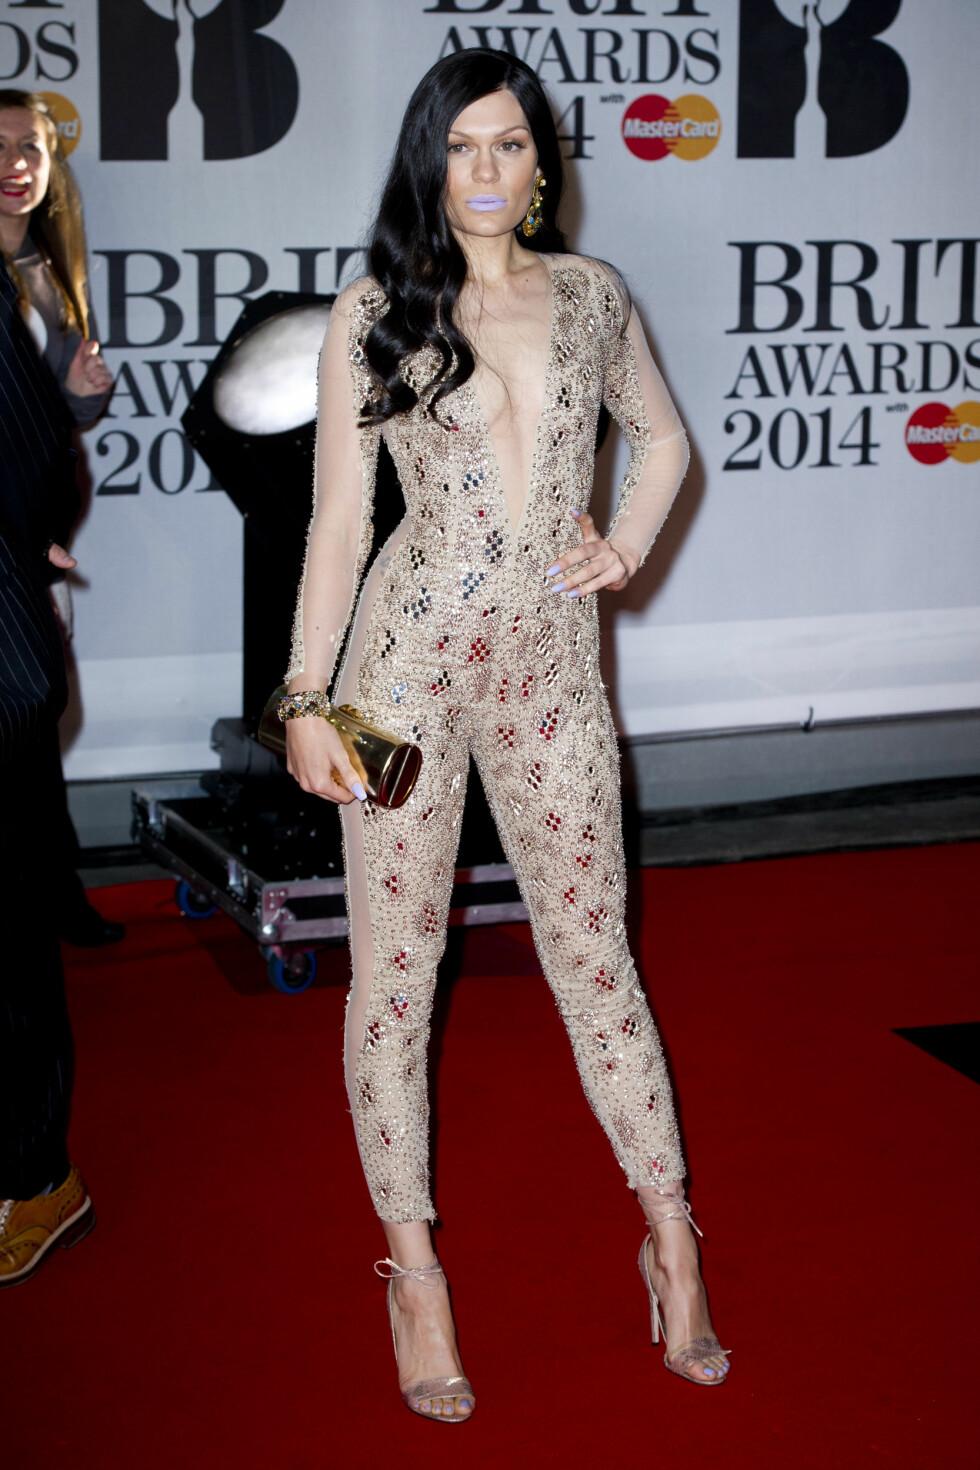 DRISTIG: Jessie J kom i en gjennomsiktig kroppsnær drakt. Foto: Empics Entertainment/All Over Pr